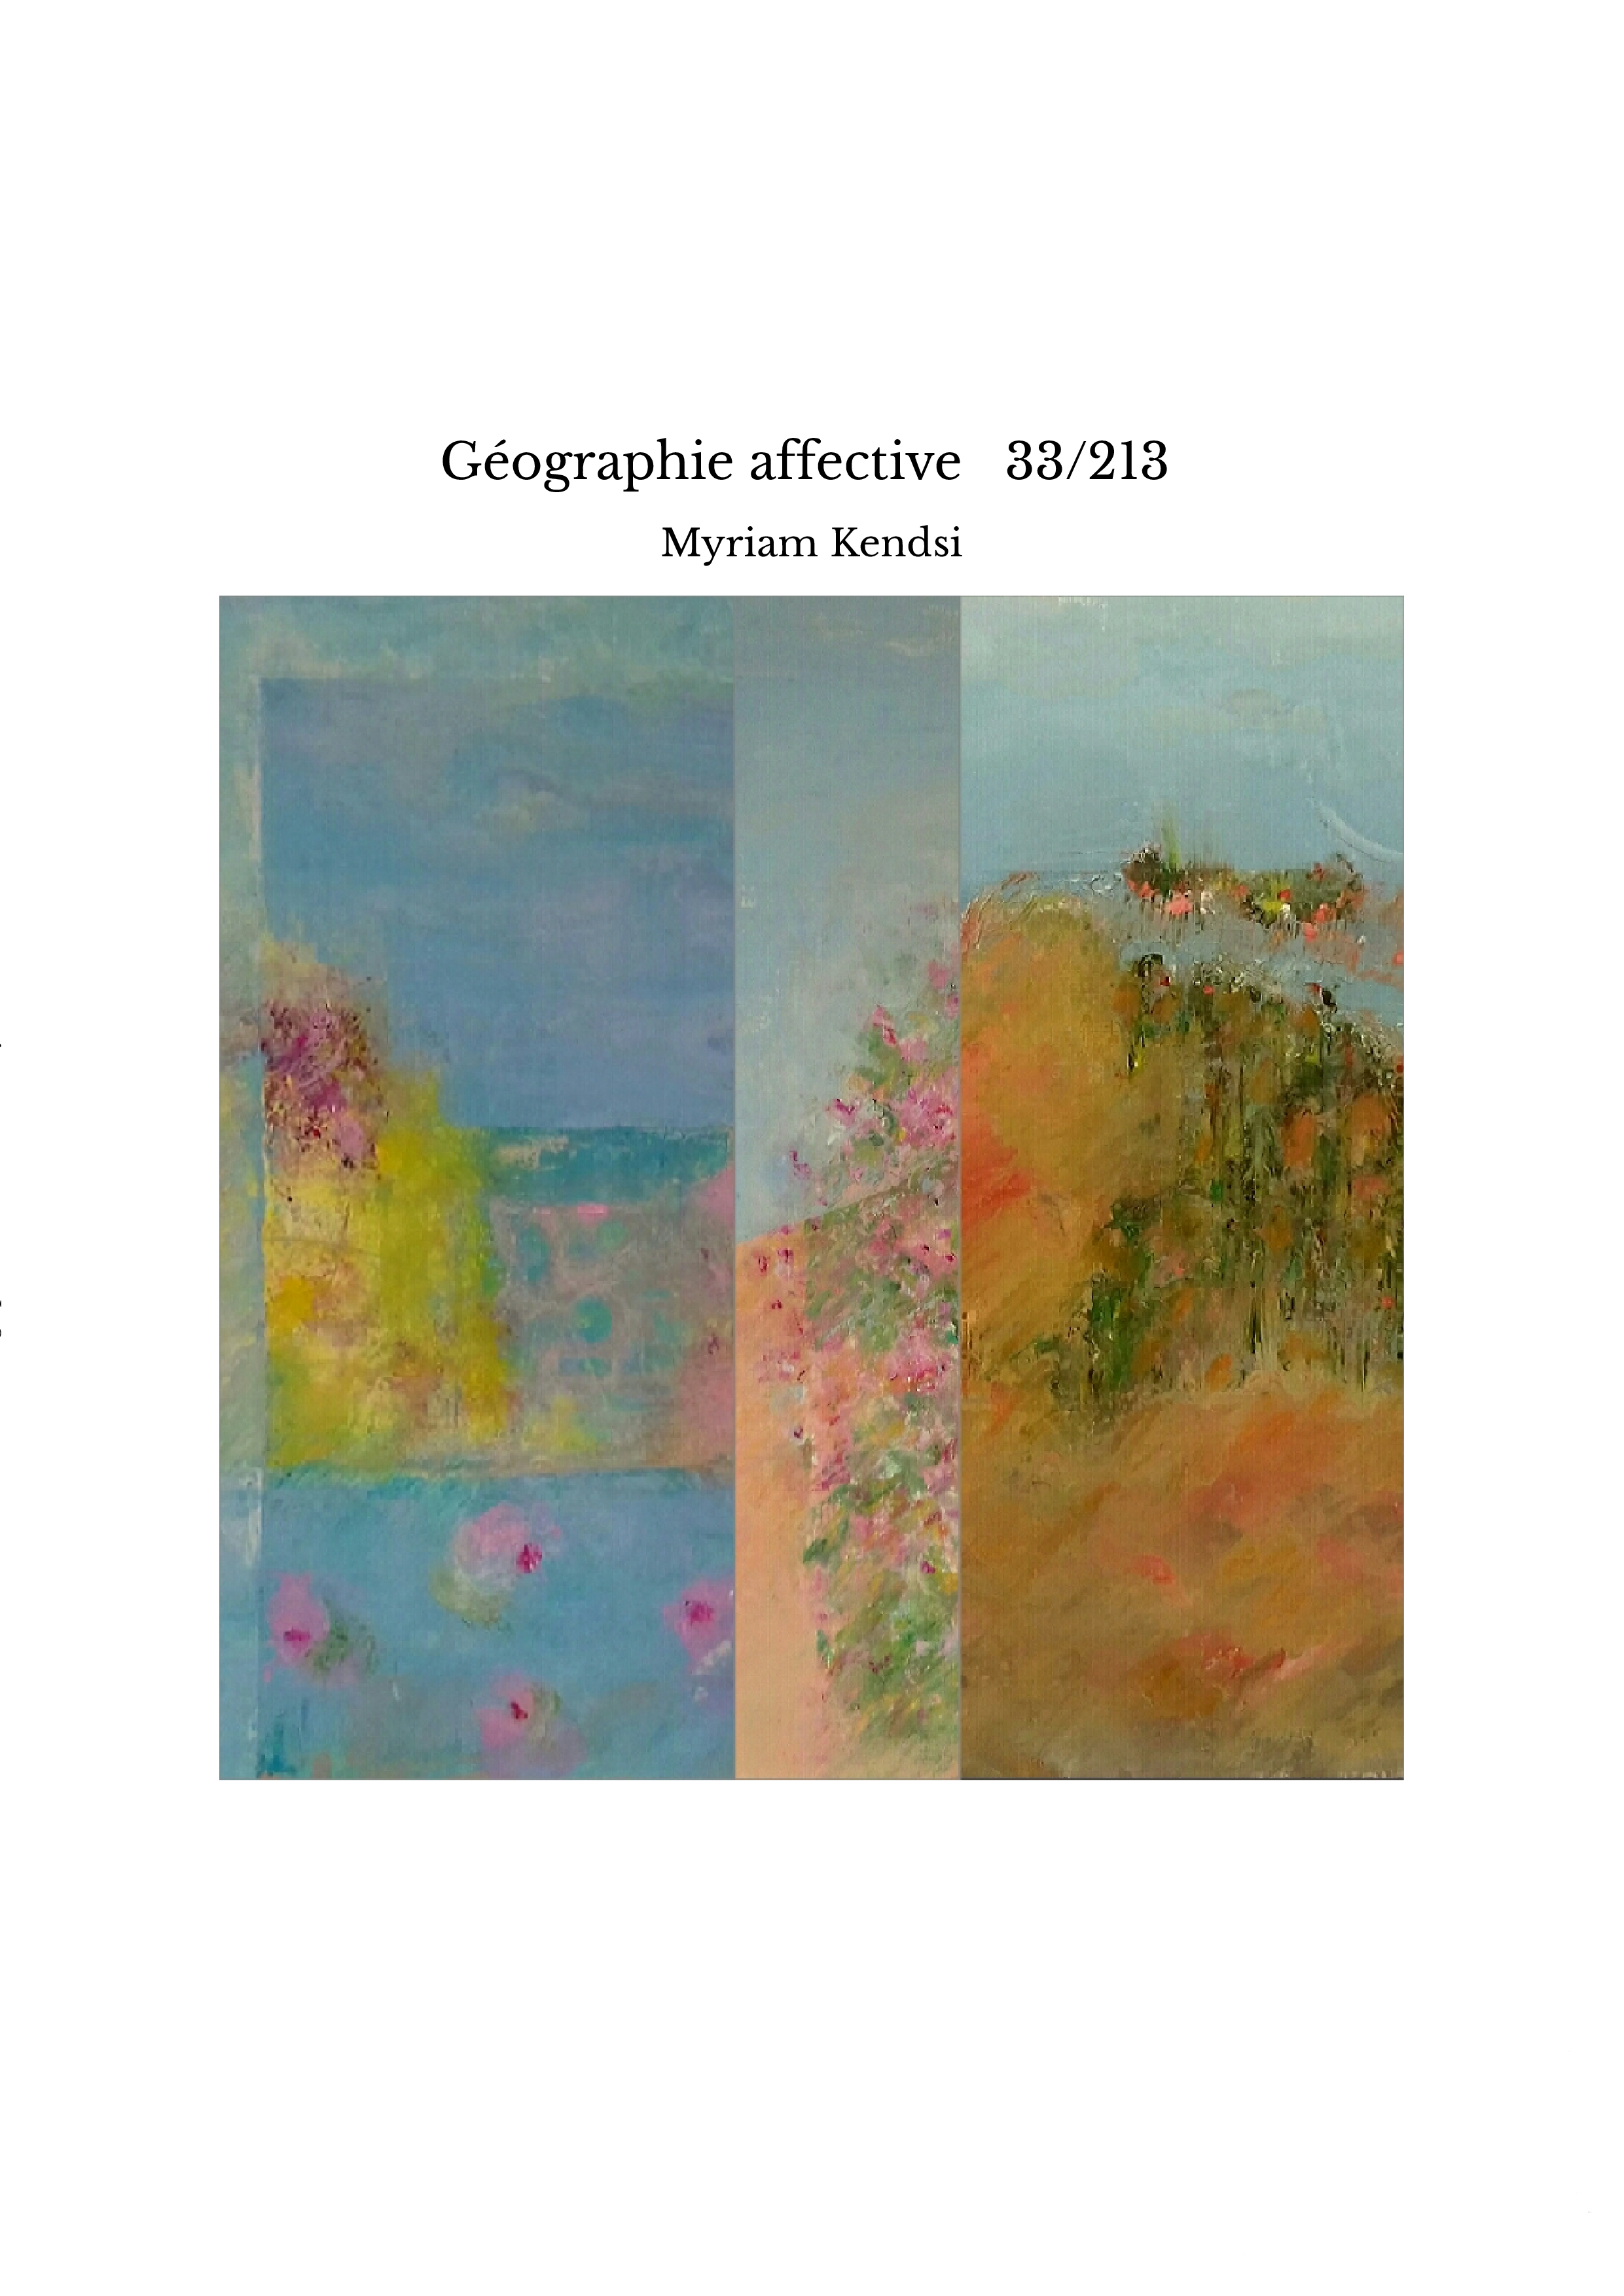 Géographie affective 33/213